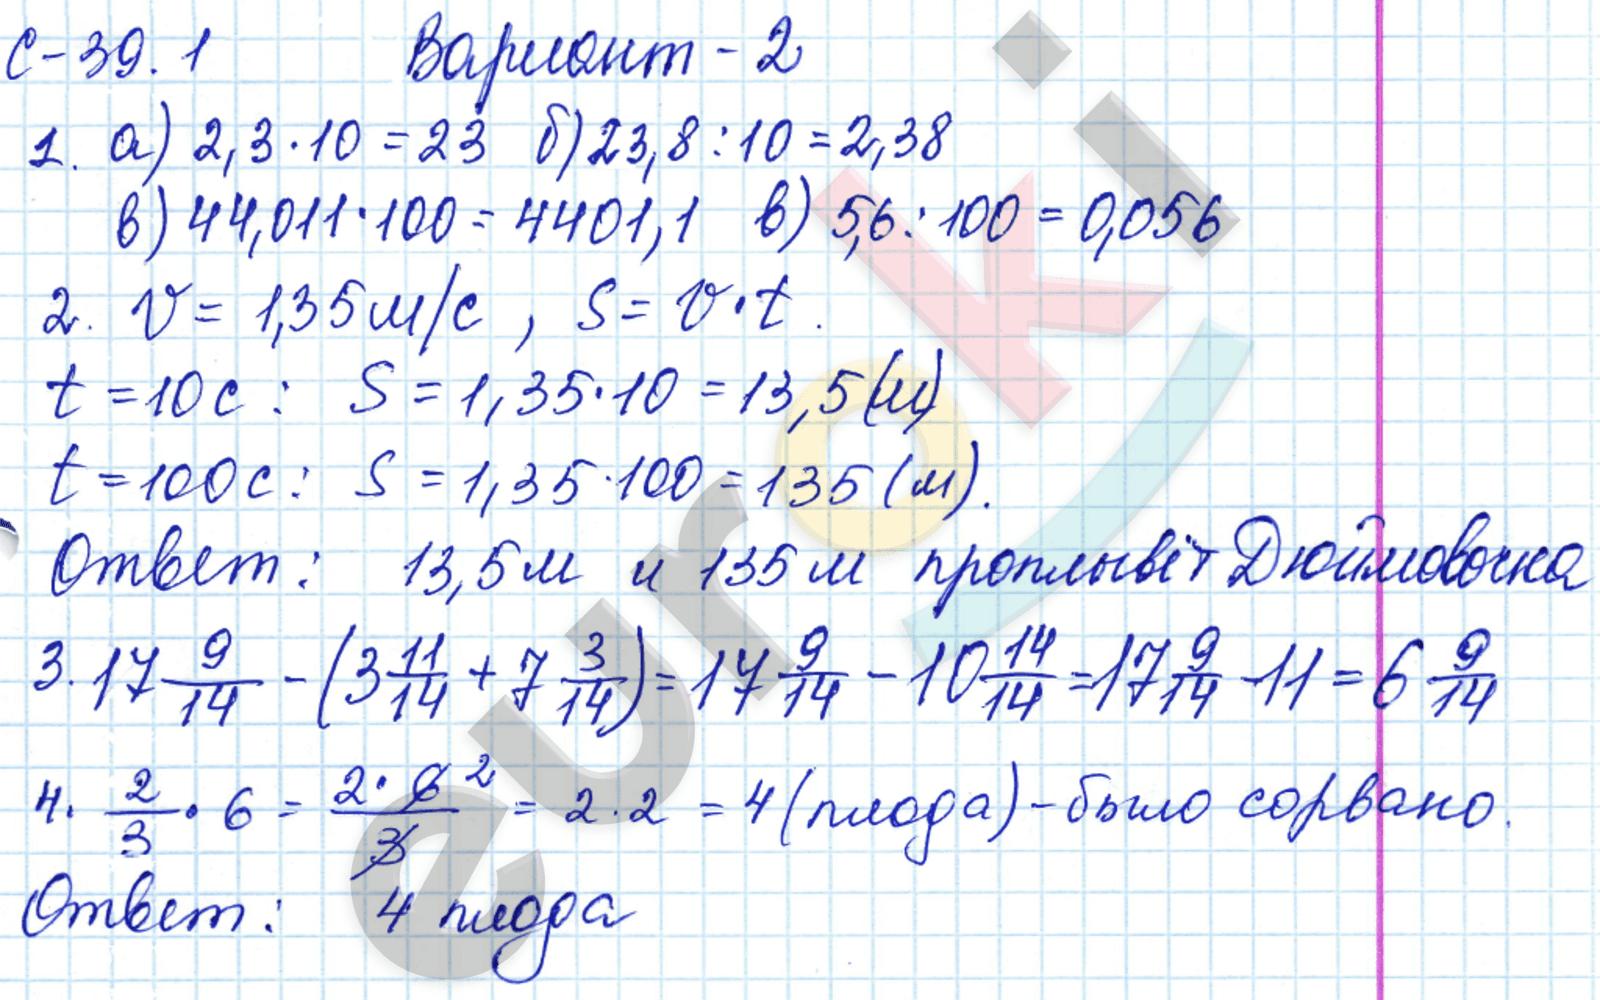 ГДЗ по математике 5 класс самостоятельные работы Зубарева, Мильштейн, Шанцева Тема 4. Десятичные дроби, С-39.1. Умножение и деление десятичной дроби на 10, 100, 1000. Задание: Вариант 2